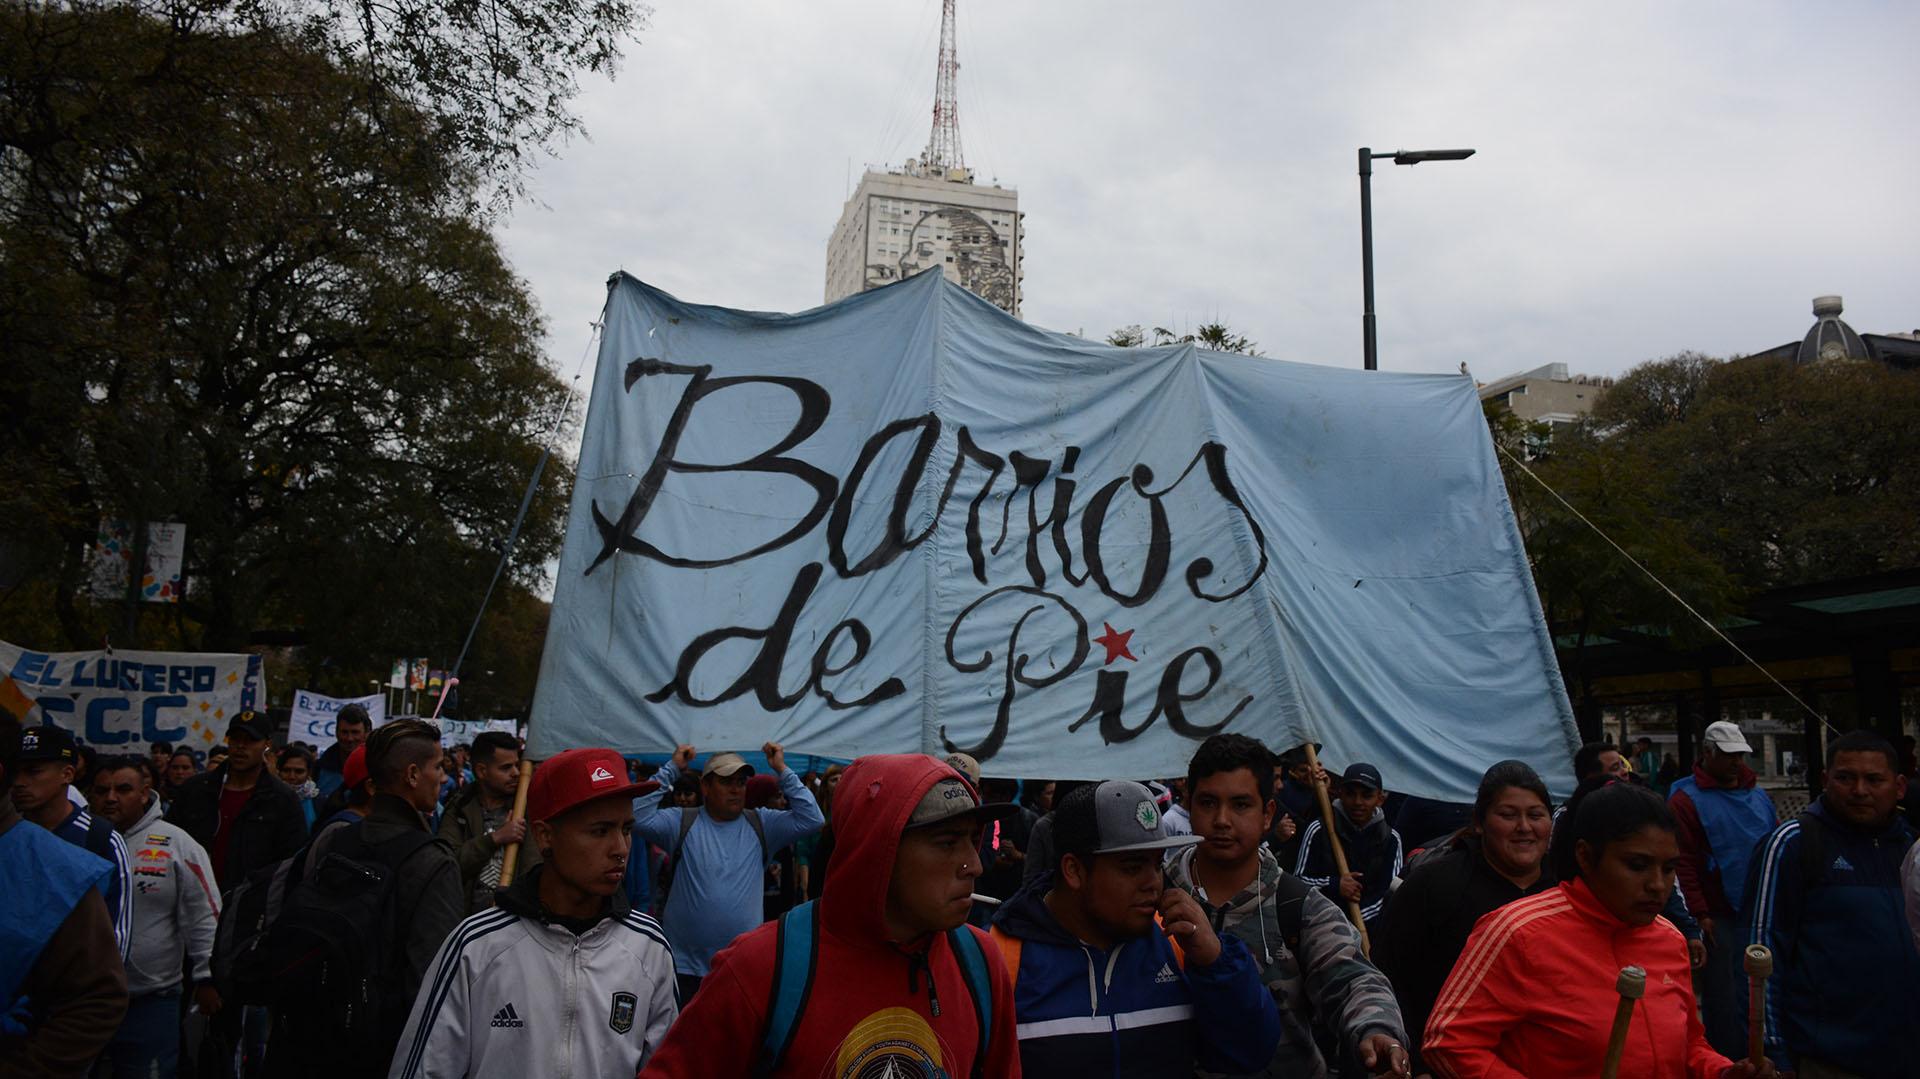 Barrios de Pie, una de las agrupaciones que más gente movilizó en la jornada de protesta